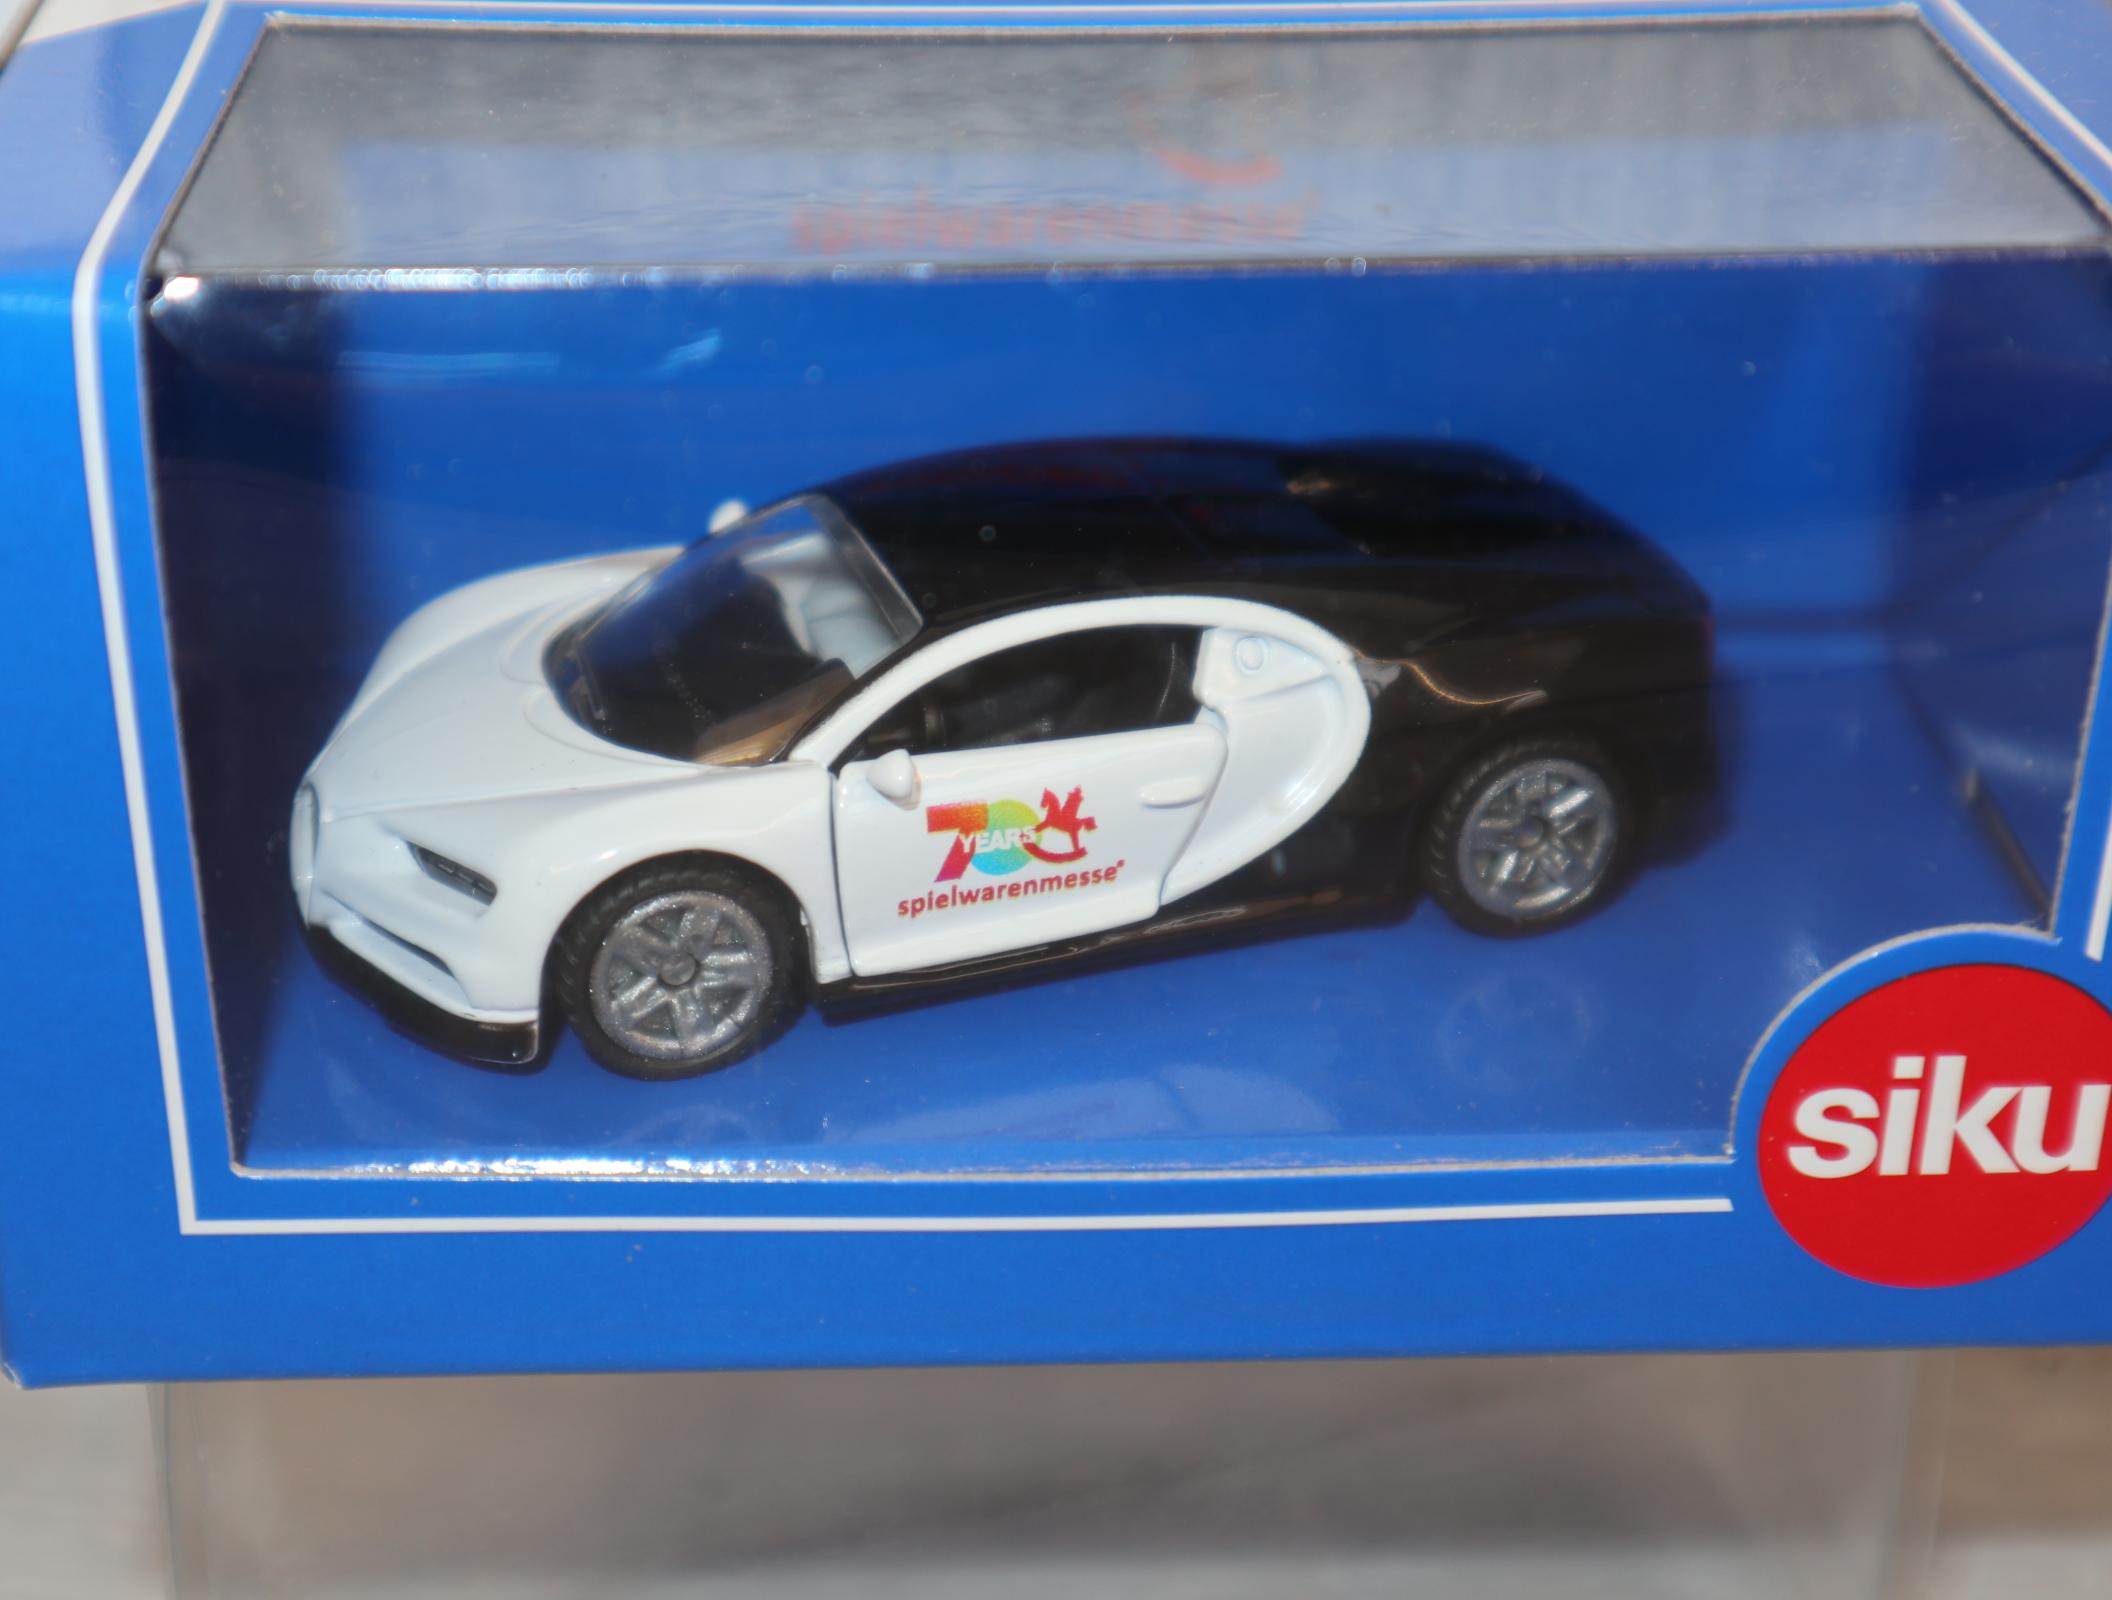 """Siku 1508 1:50 Bugatti Chiron Sondermodell Spielwarenmesse Nürnberg 2019 """"70Jahre"""" in OVP"""